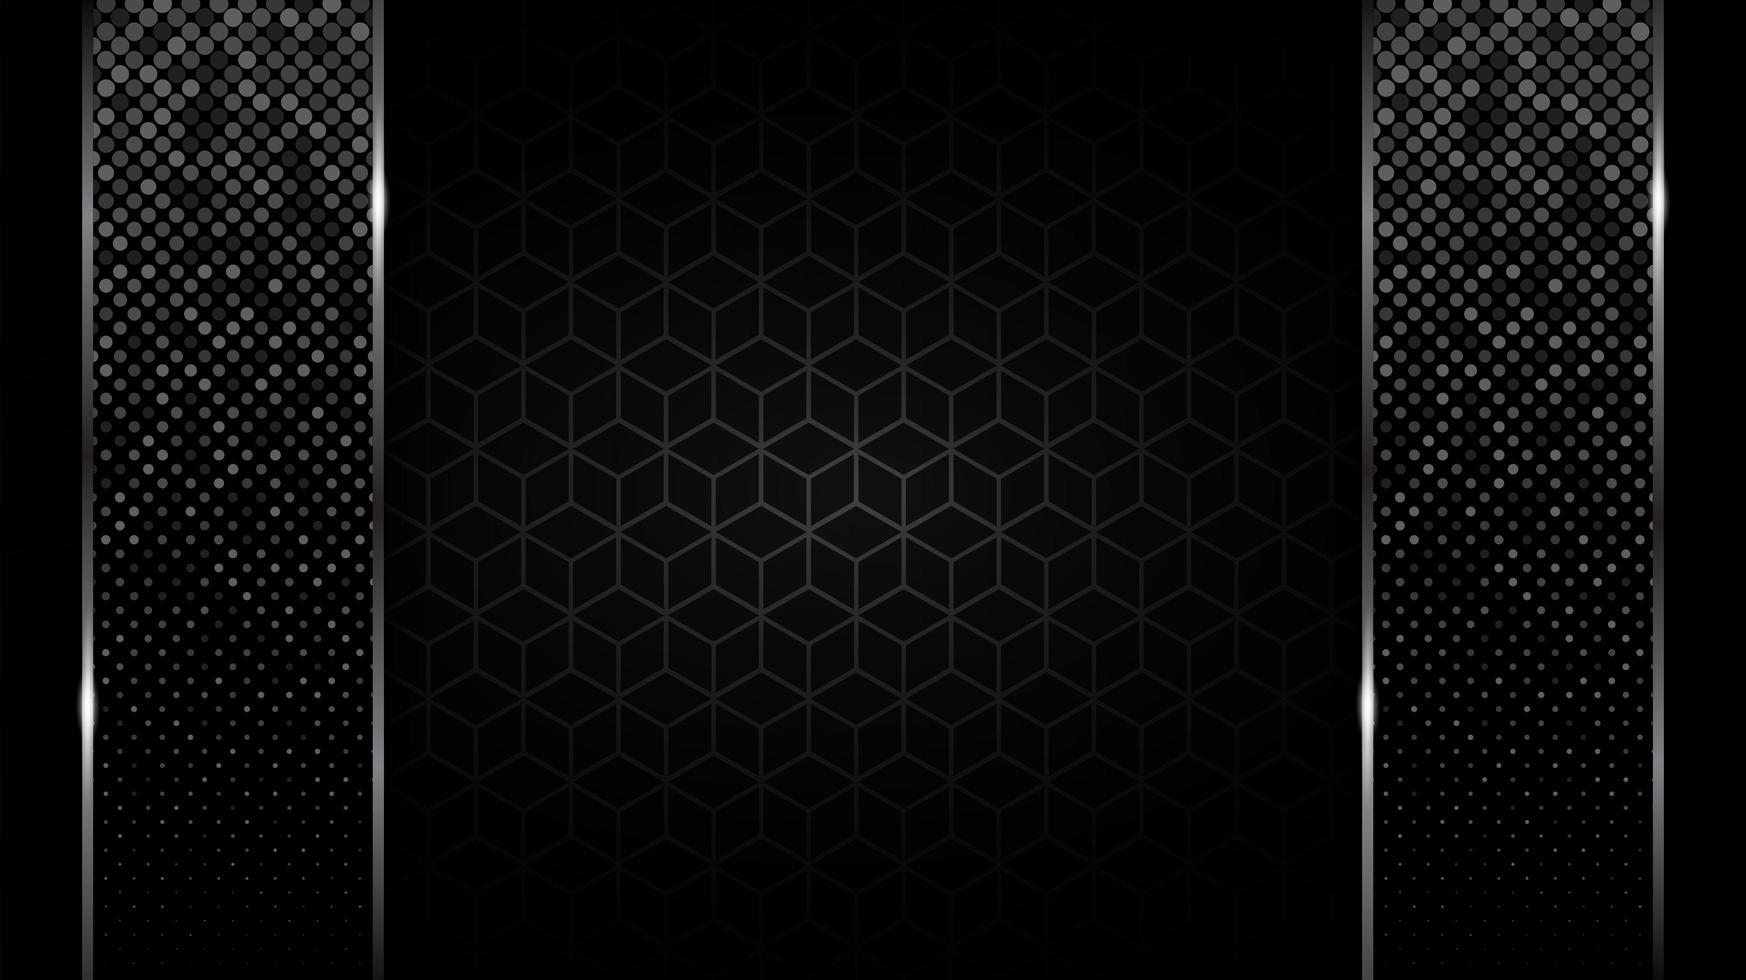 funkelnde vertikale Balken über dem schwarzen Würfelmuster vektor